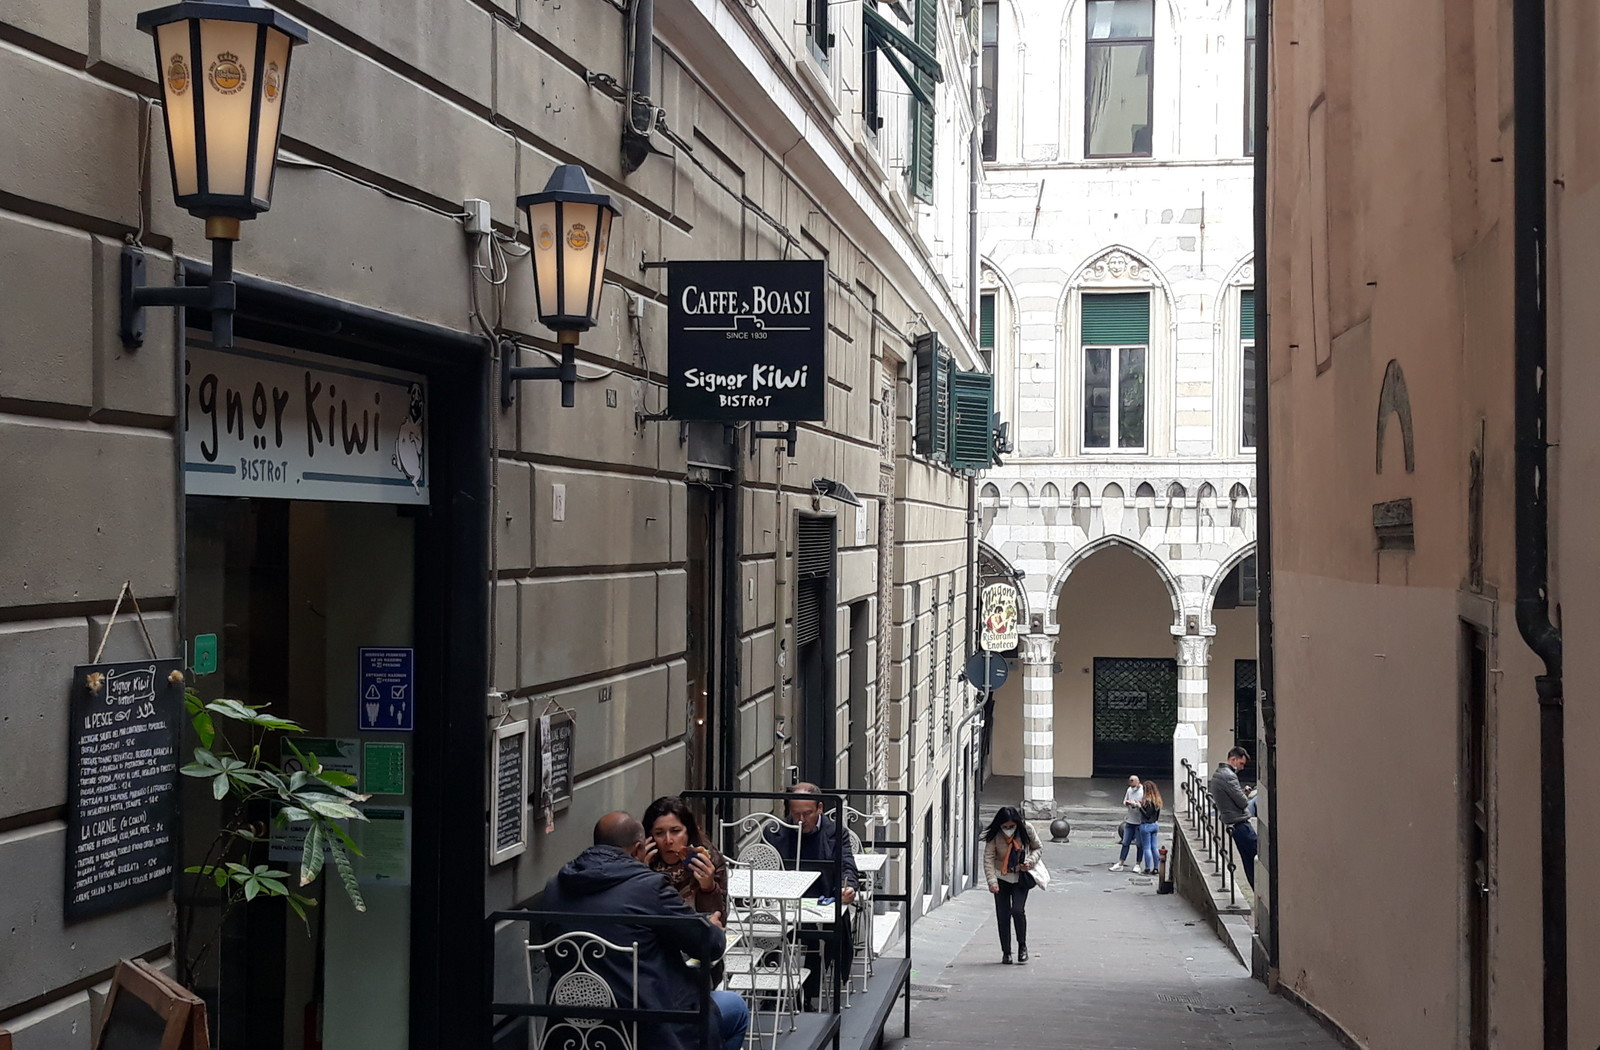 Le riaperture a Genova